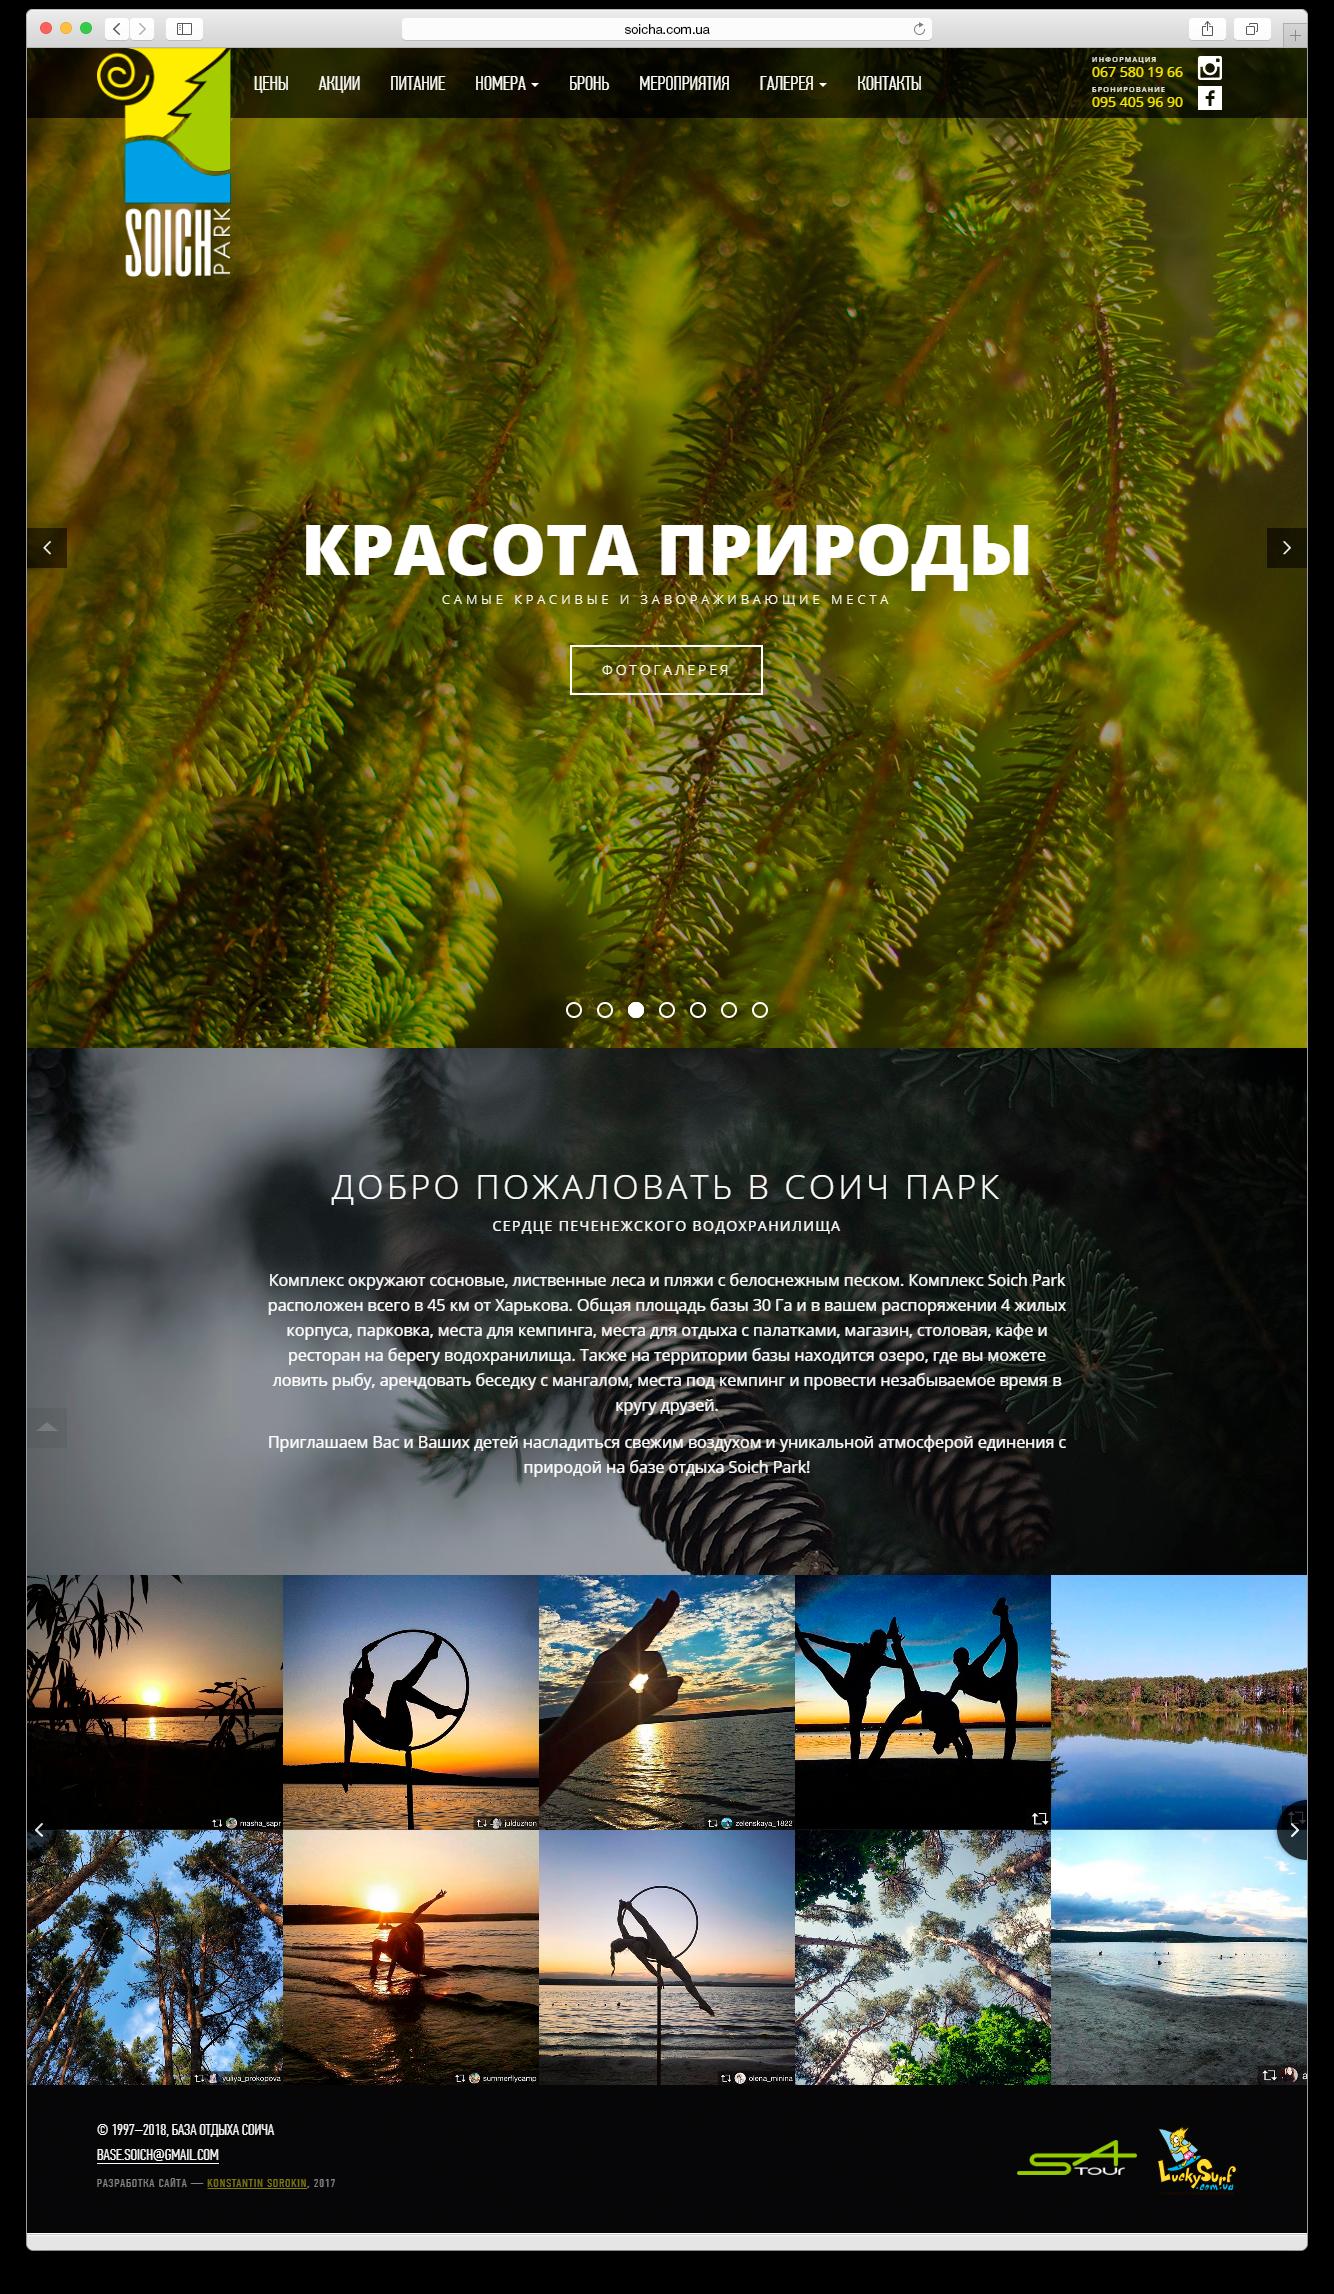 """Сайт базы отдыха """"Soich Park"""" — главная страница"""